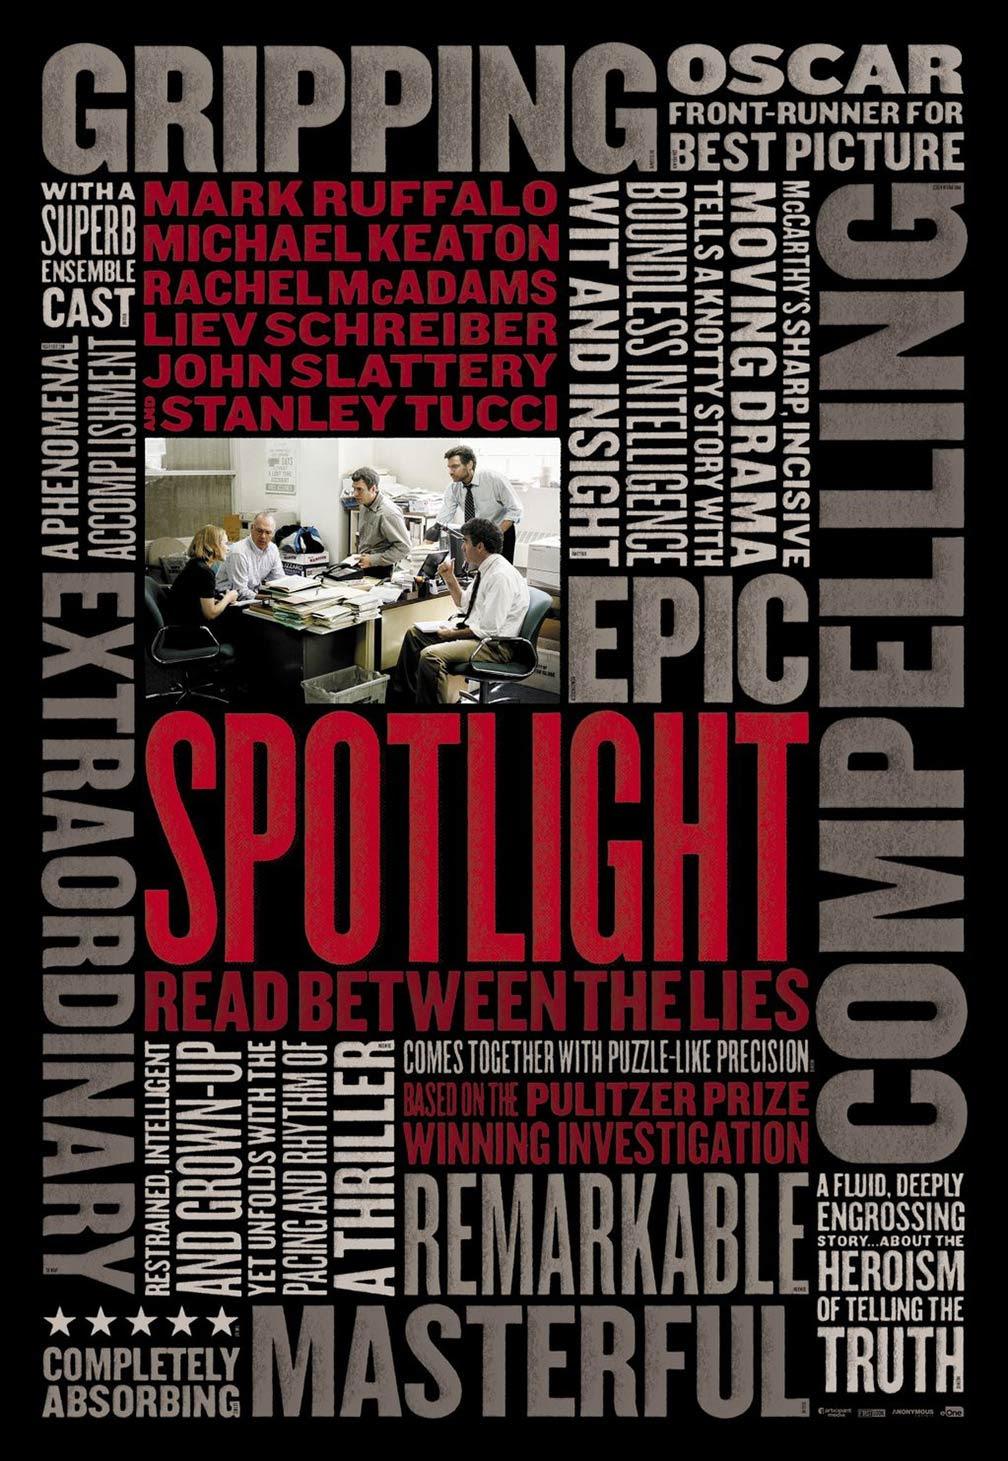 http://cdn.traileraddict.com/content/open-road-films/spotlight2015-4.jpg